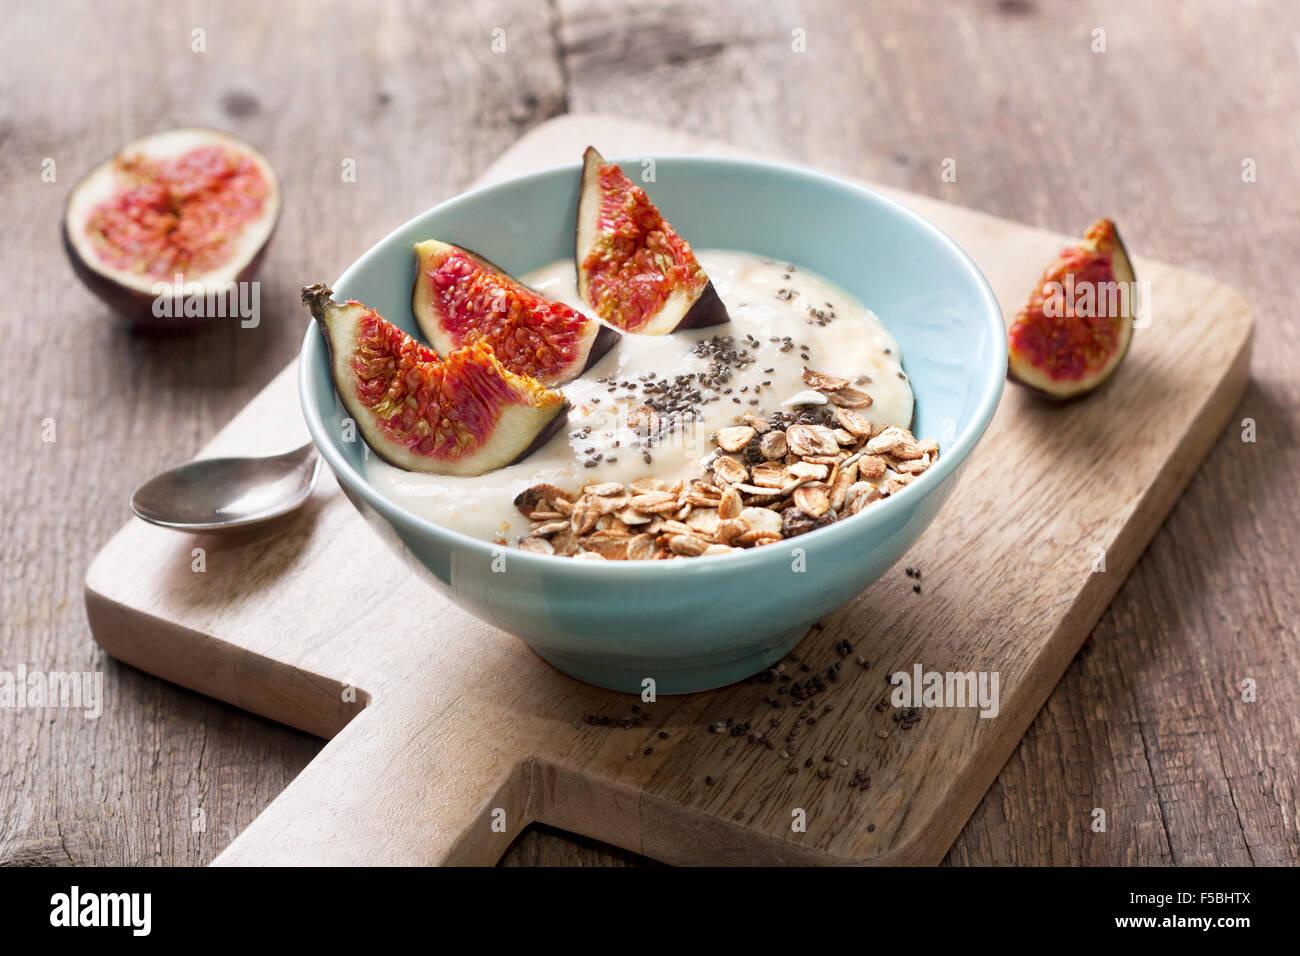 La prima colazione con muesli, yogurt, fichi e chia semi in un vaso blu su uno sfondo di legno Immagini Stock